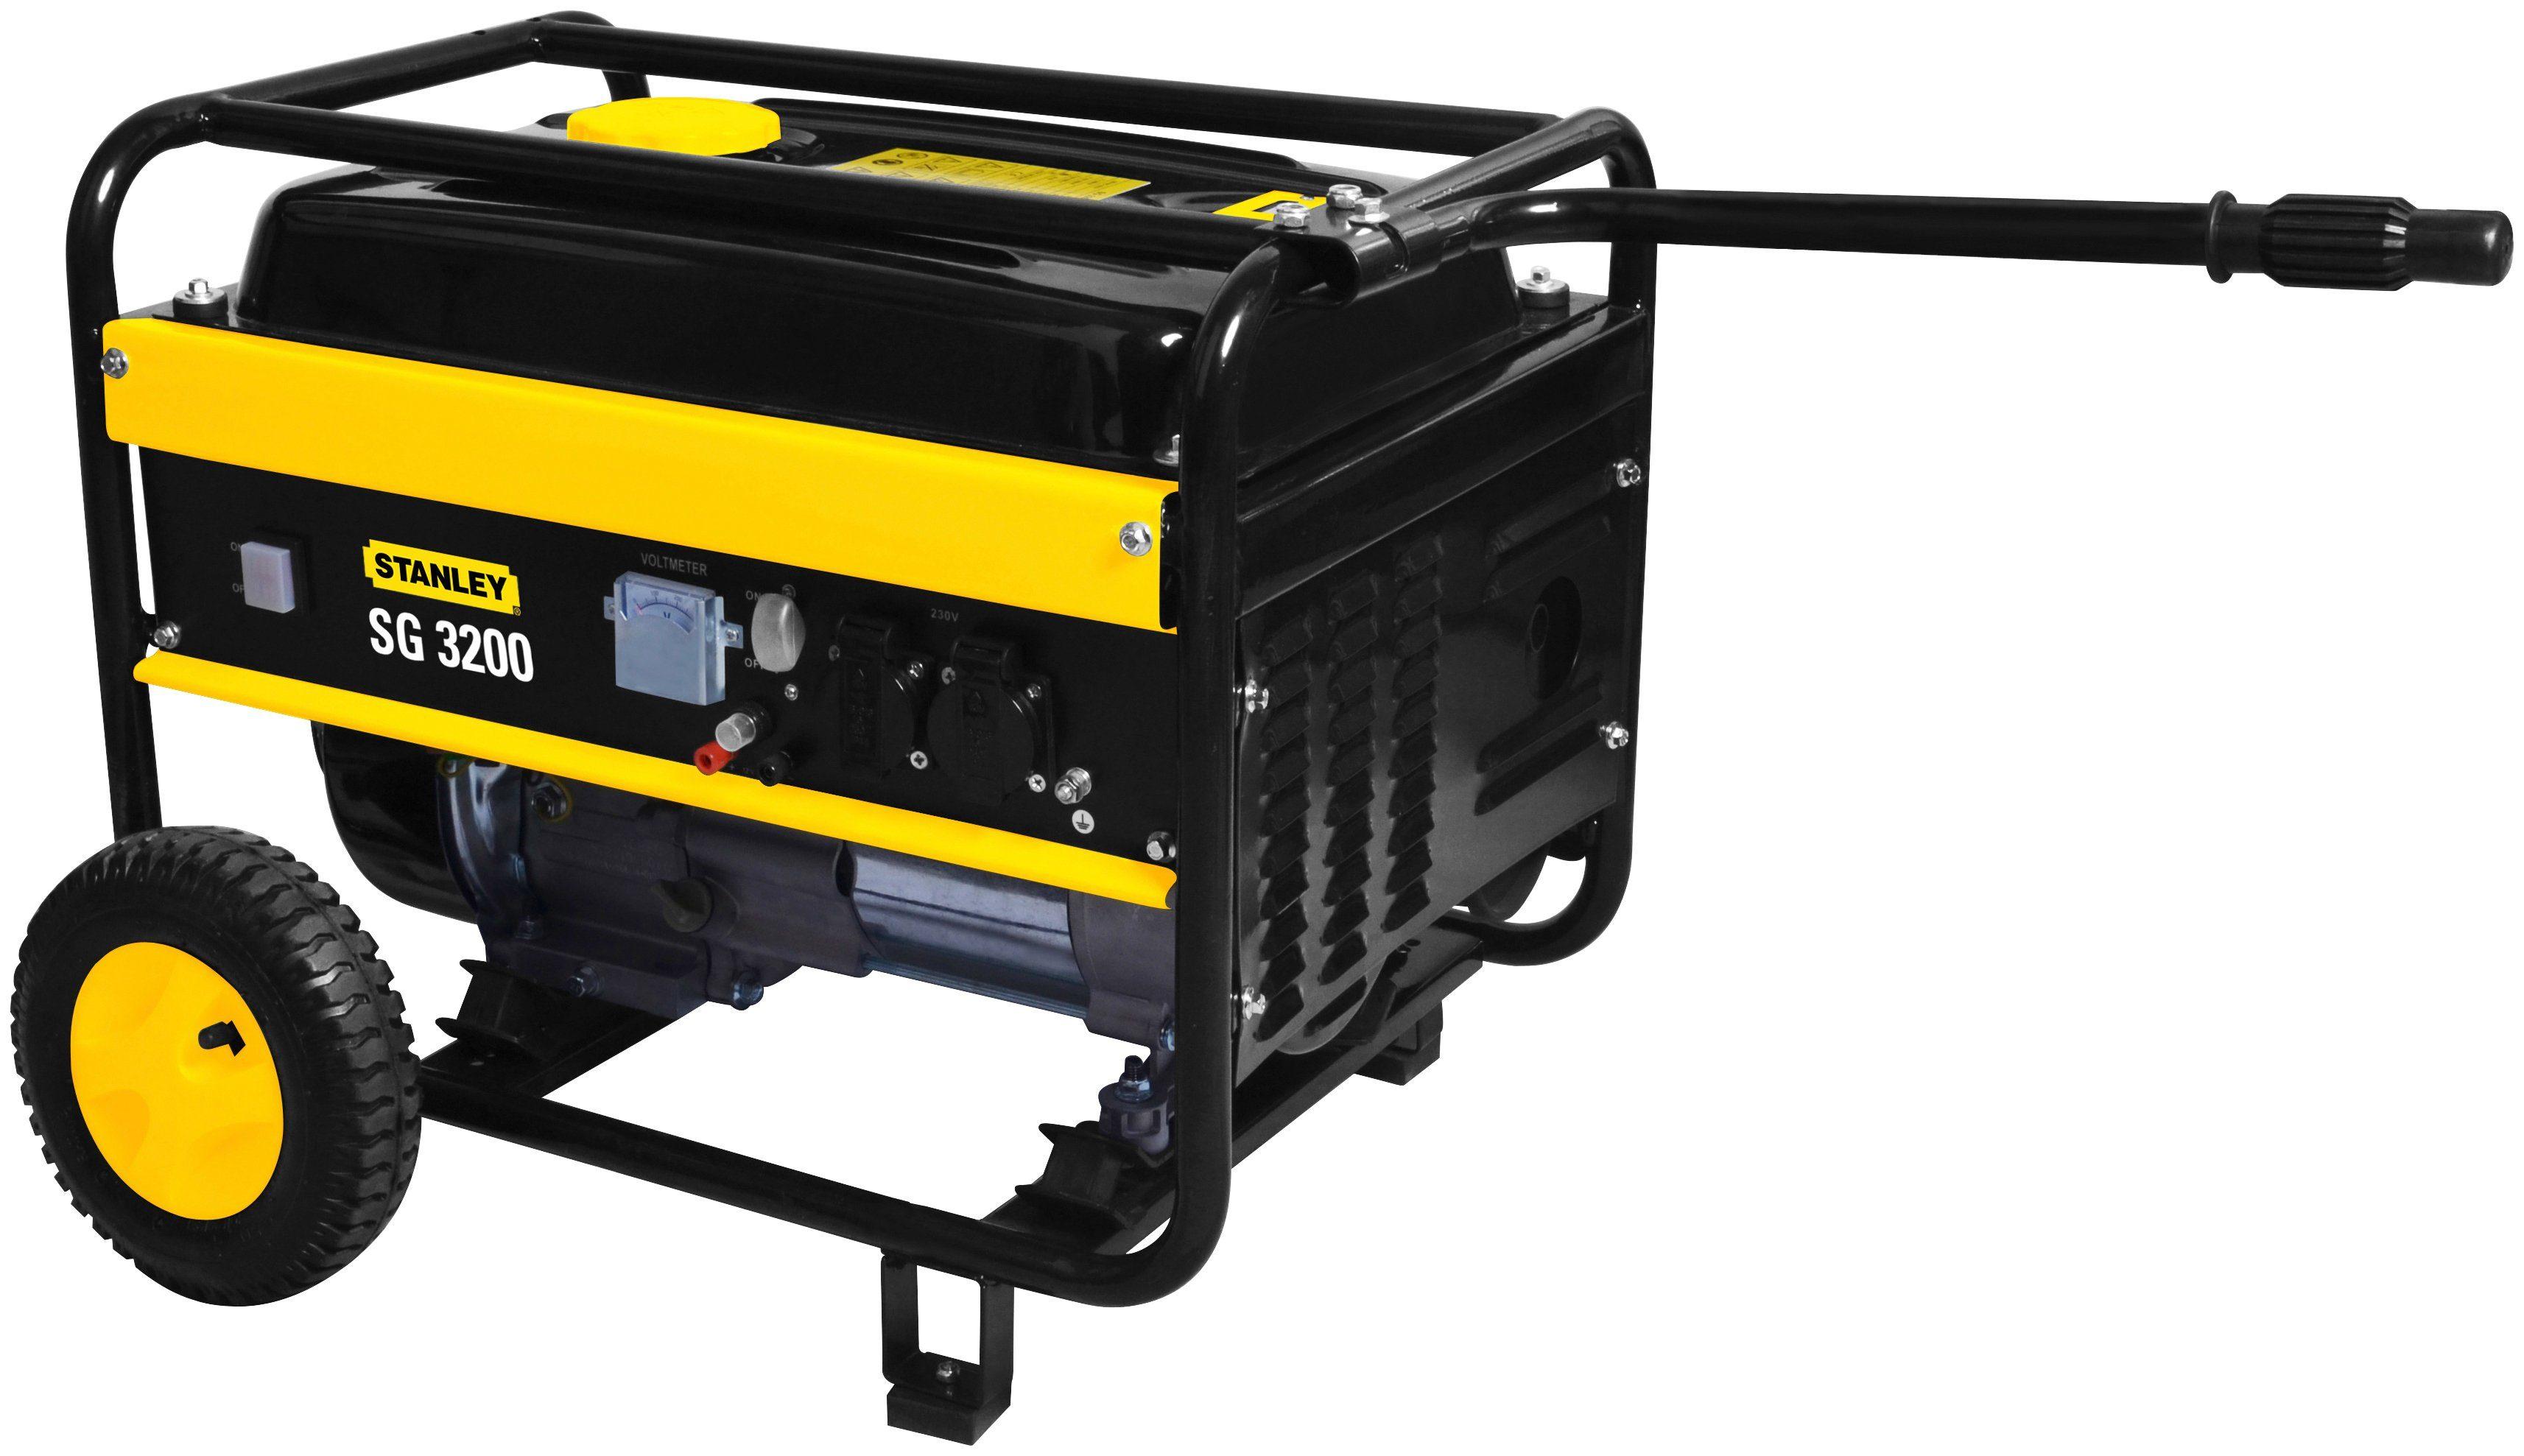 STANLEY Stromerzeuger »SG 3200 Promotion«, 3,2 kW, 15 l Tank